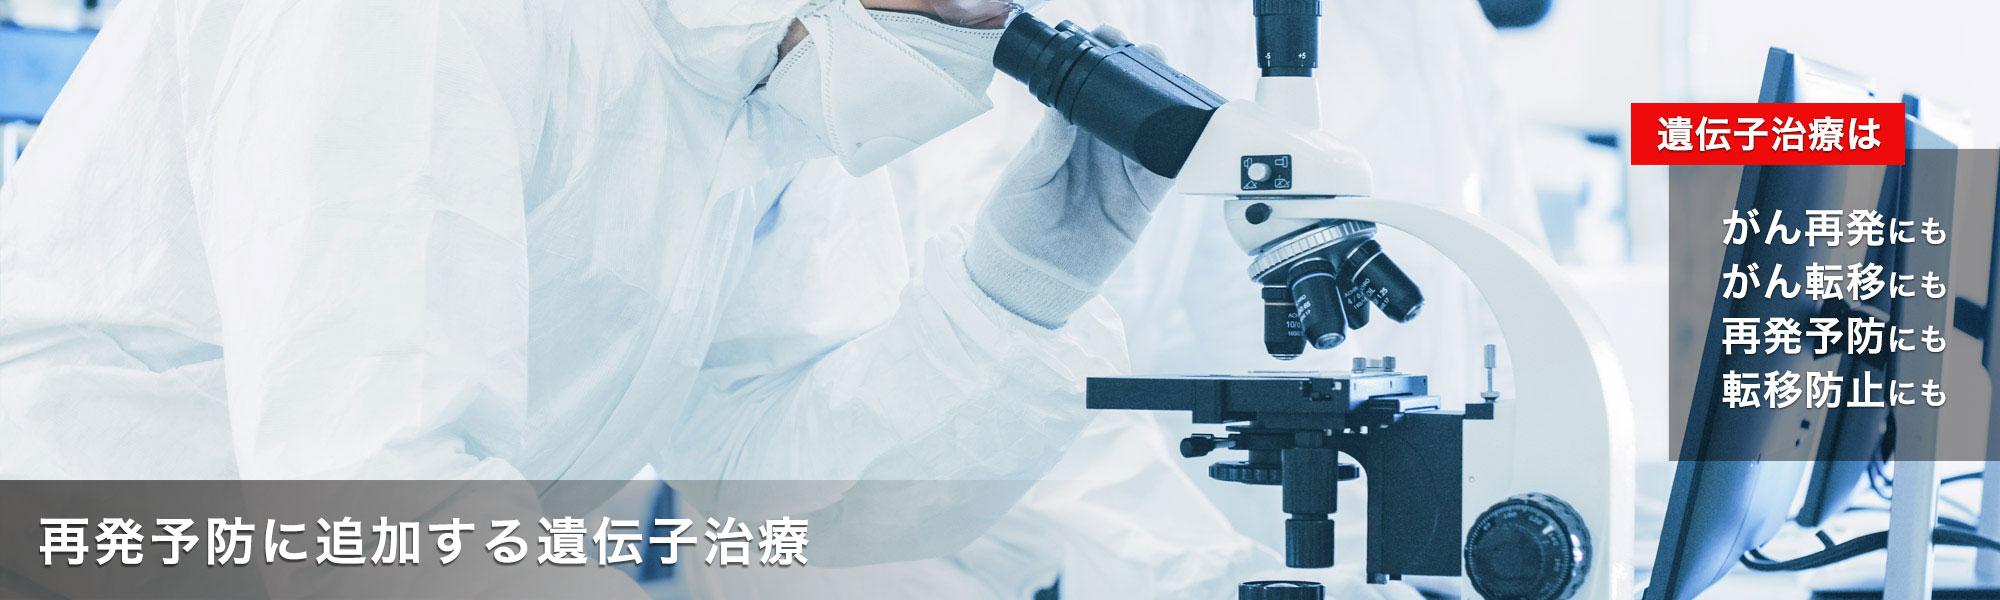 再発予防に追加する遺伝子治療2